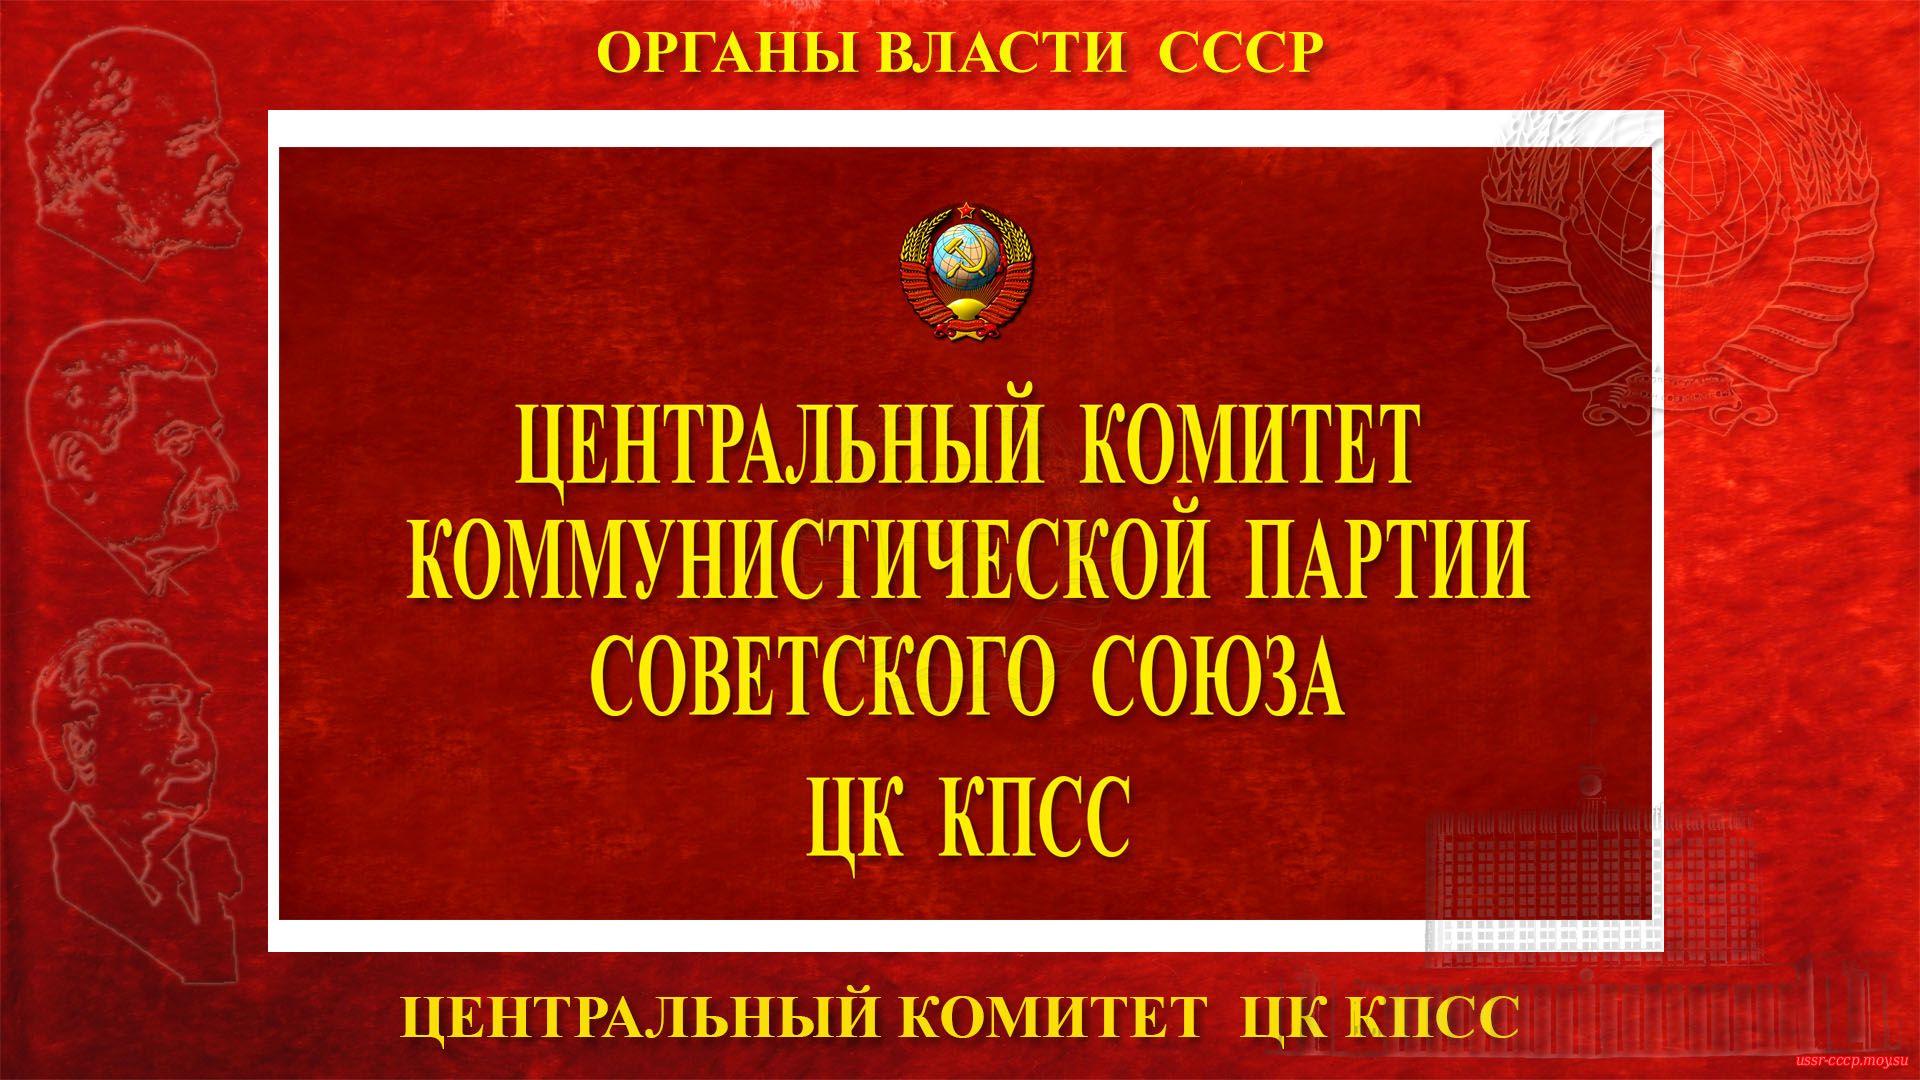 Центральный комитет кпсс — википедия. что такое центральный комитет кпсс